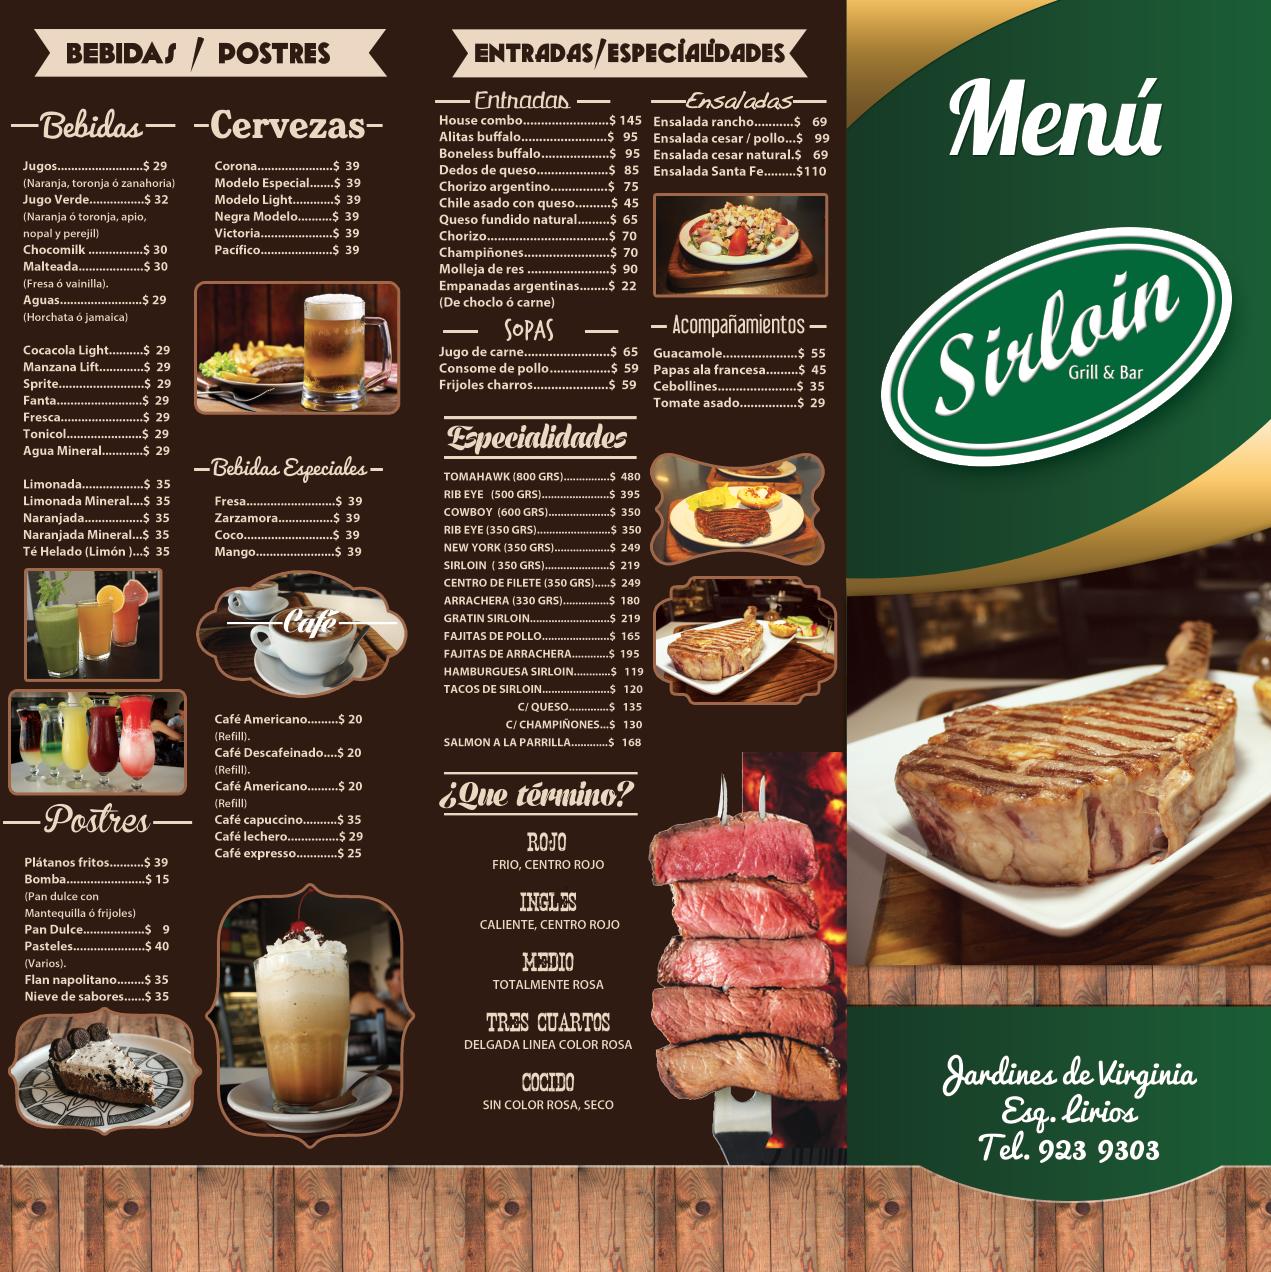 Dise o y fotograf as de alimentos de men para sirloin for Menu para comida familiar